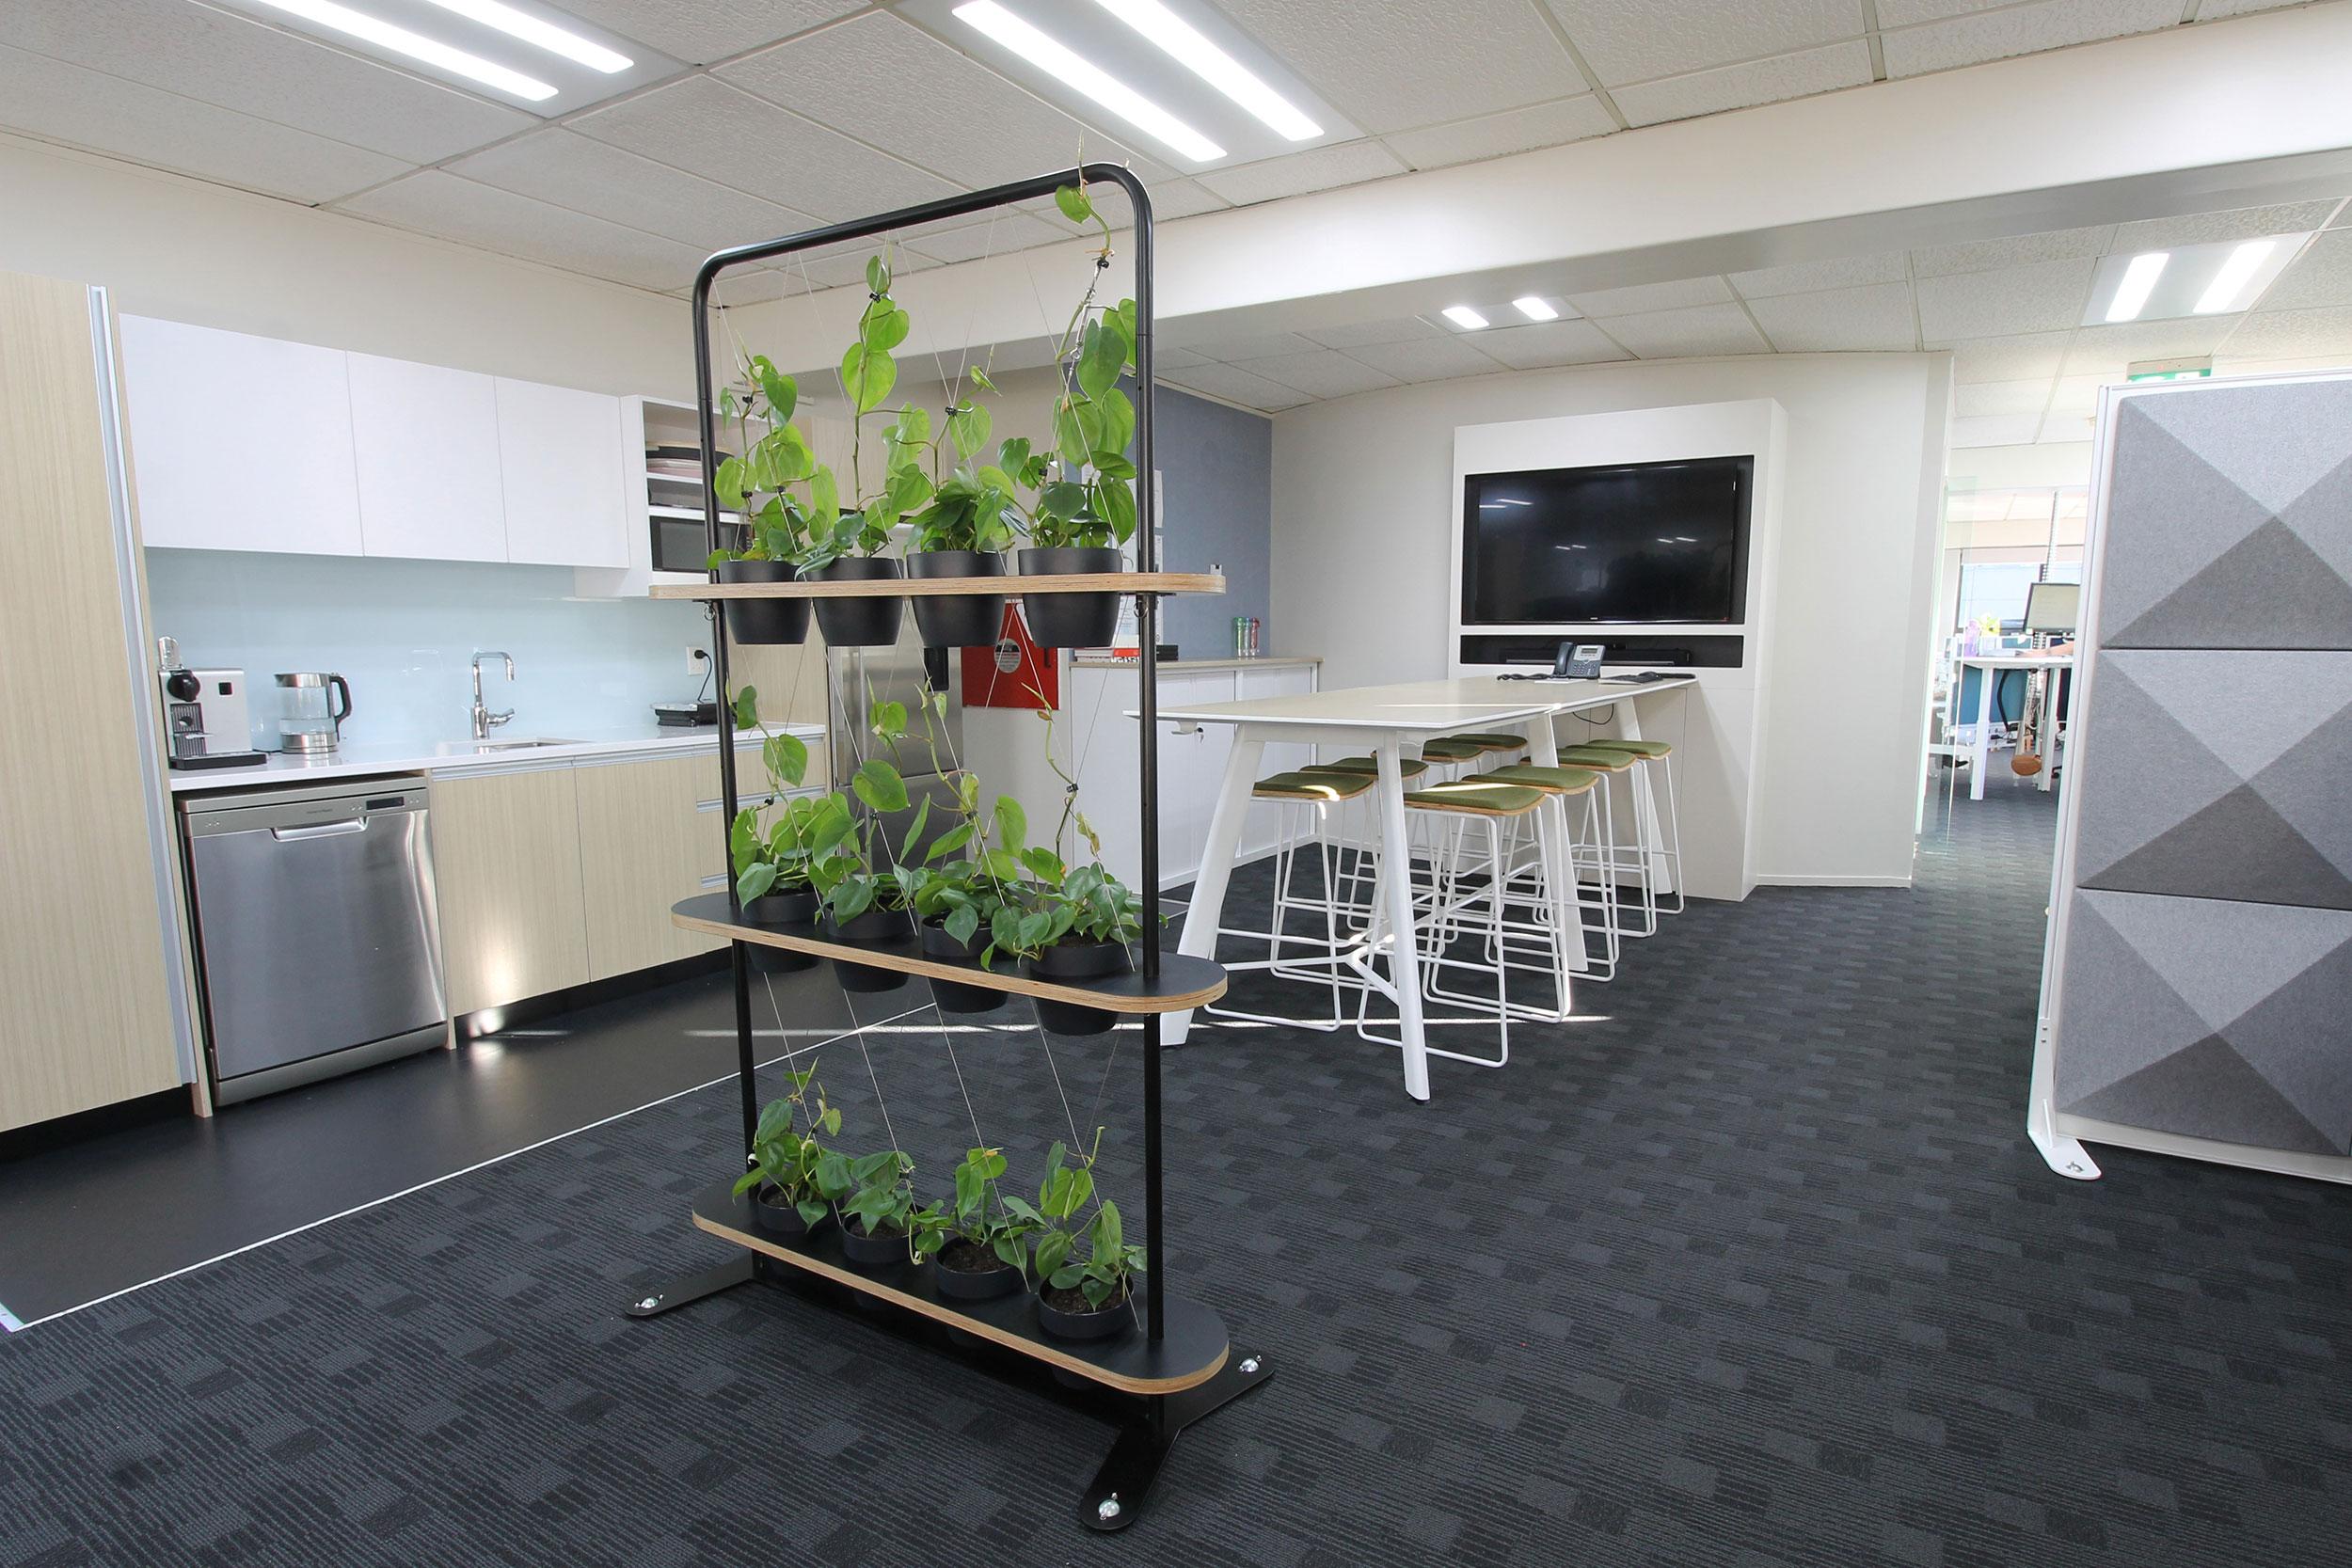 Agile Plant Wall